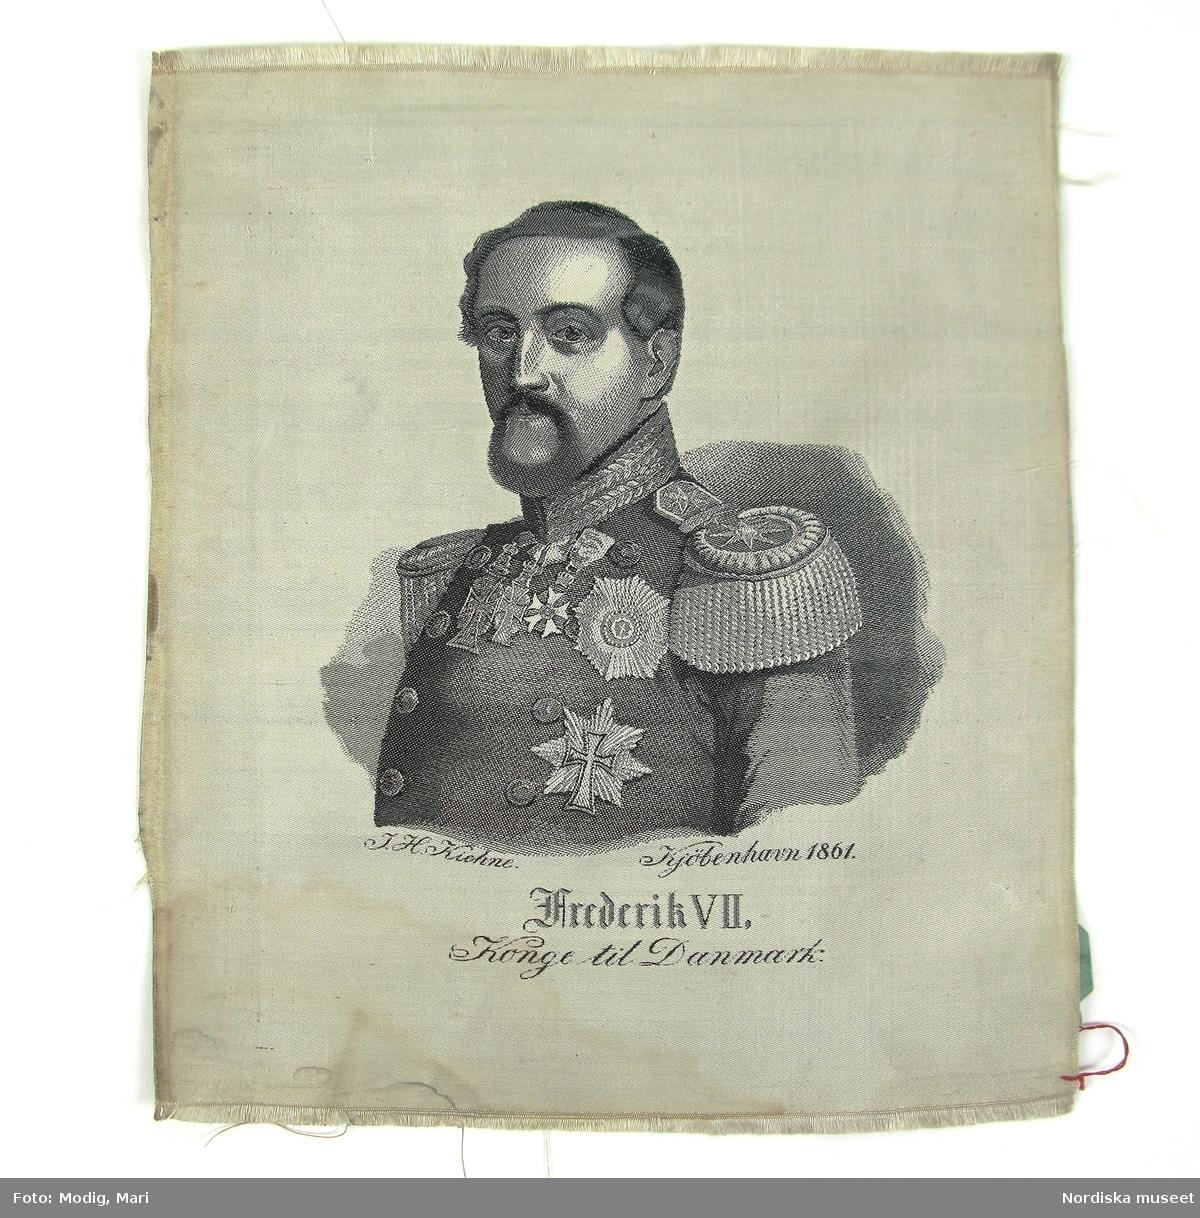 Kung av Danmark, regent 1848-1863